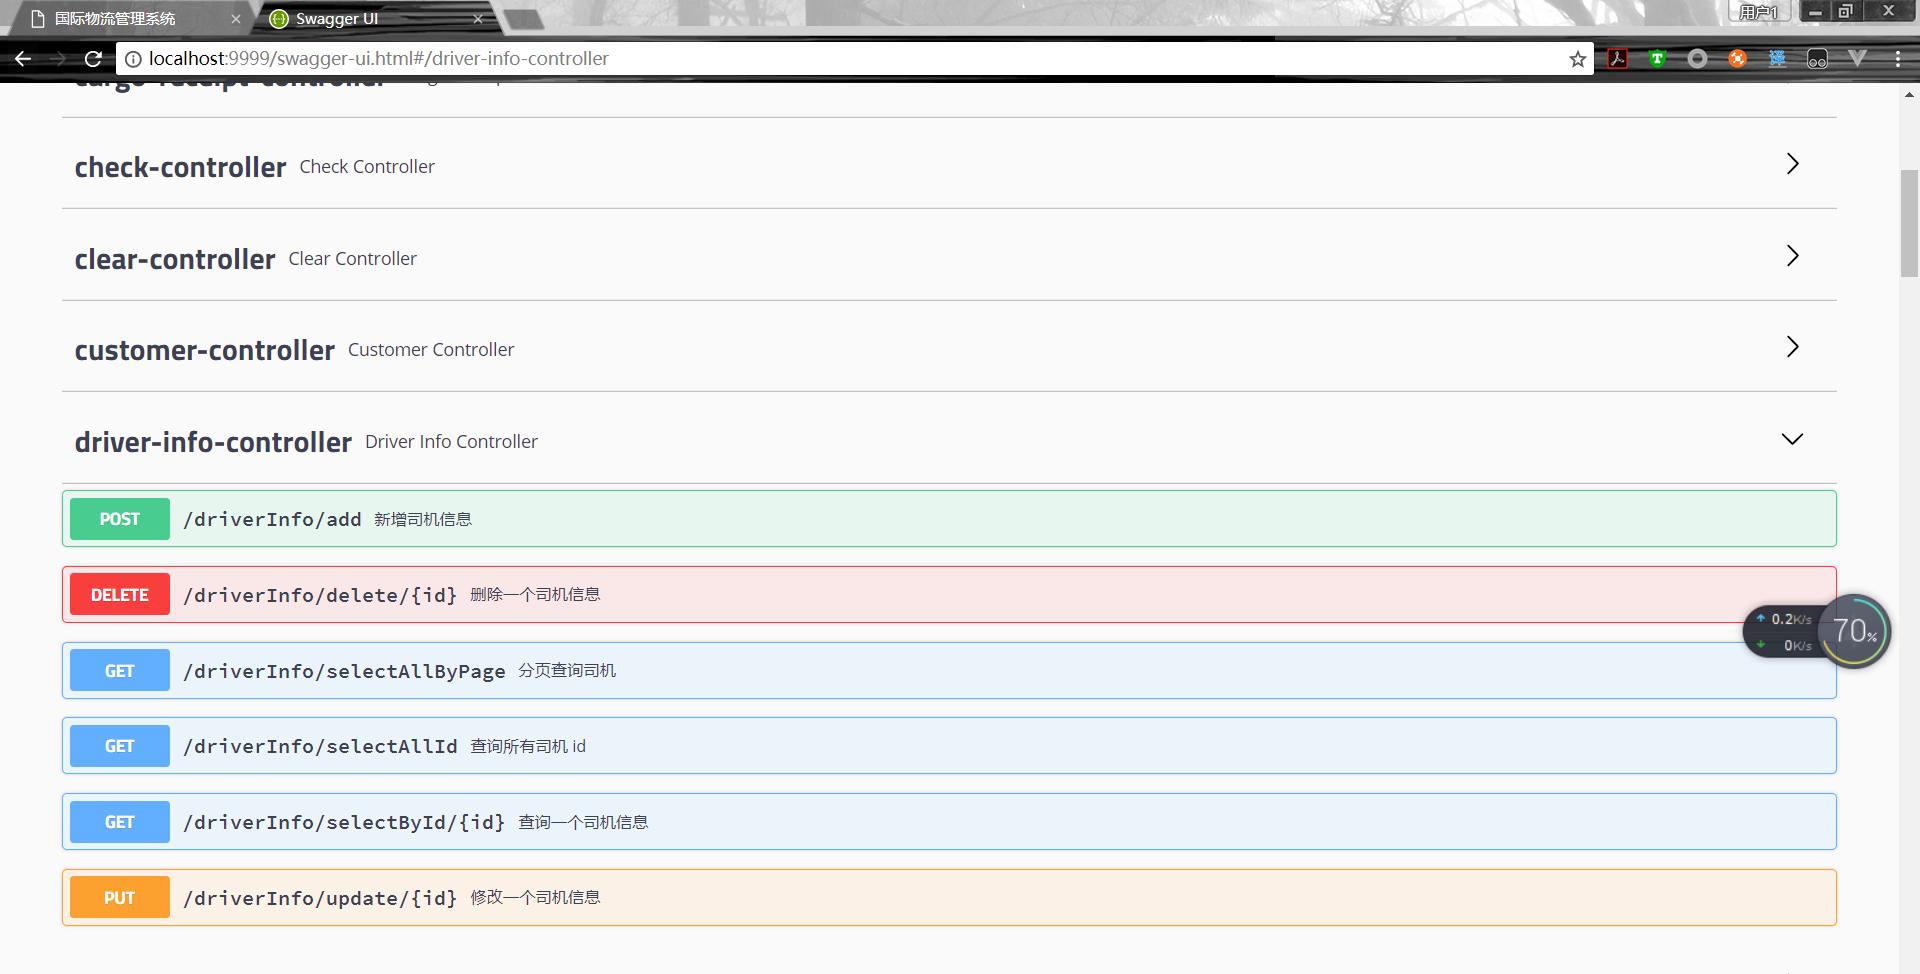 采用Springboot+ Layui开发的前后端分离物流后端项目源码分享